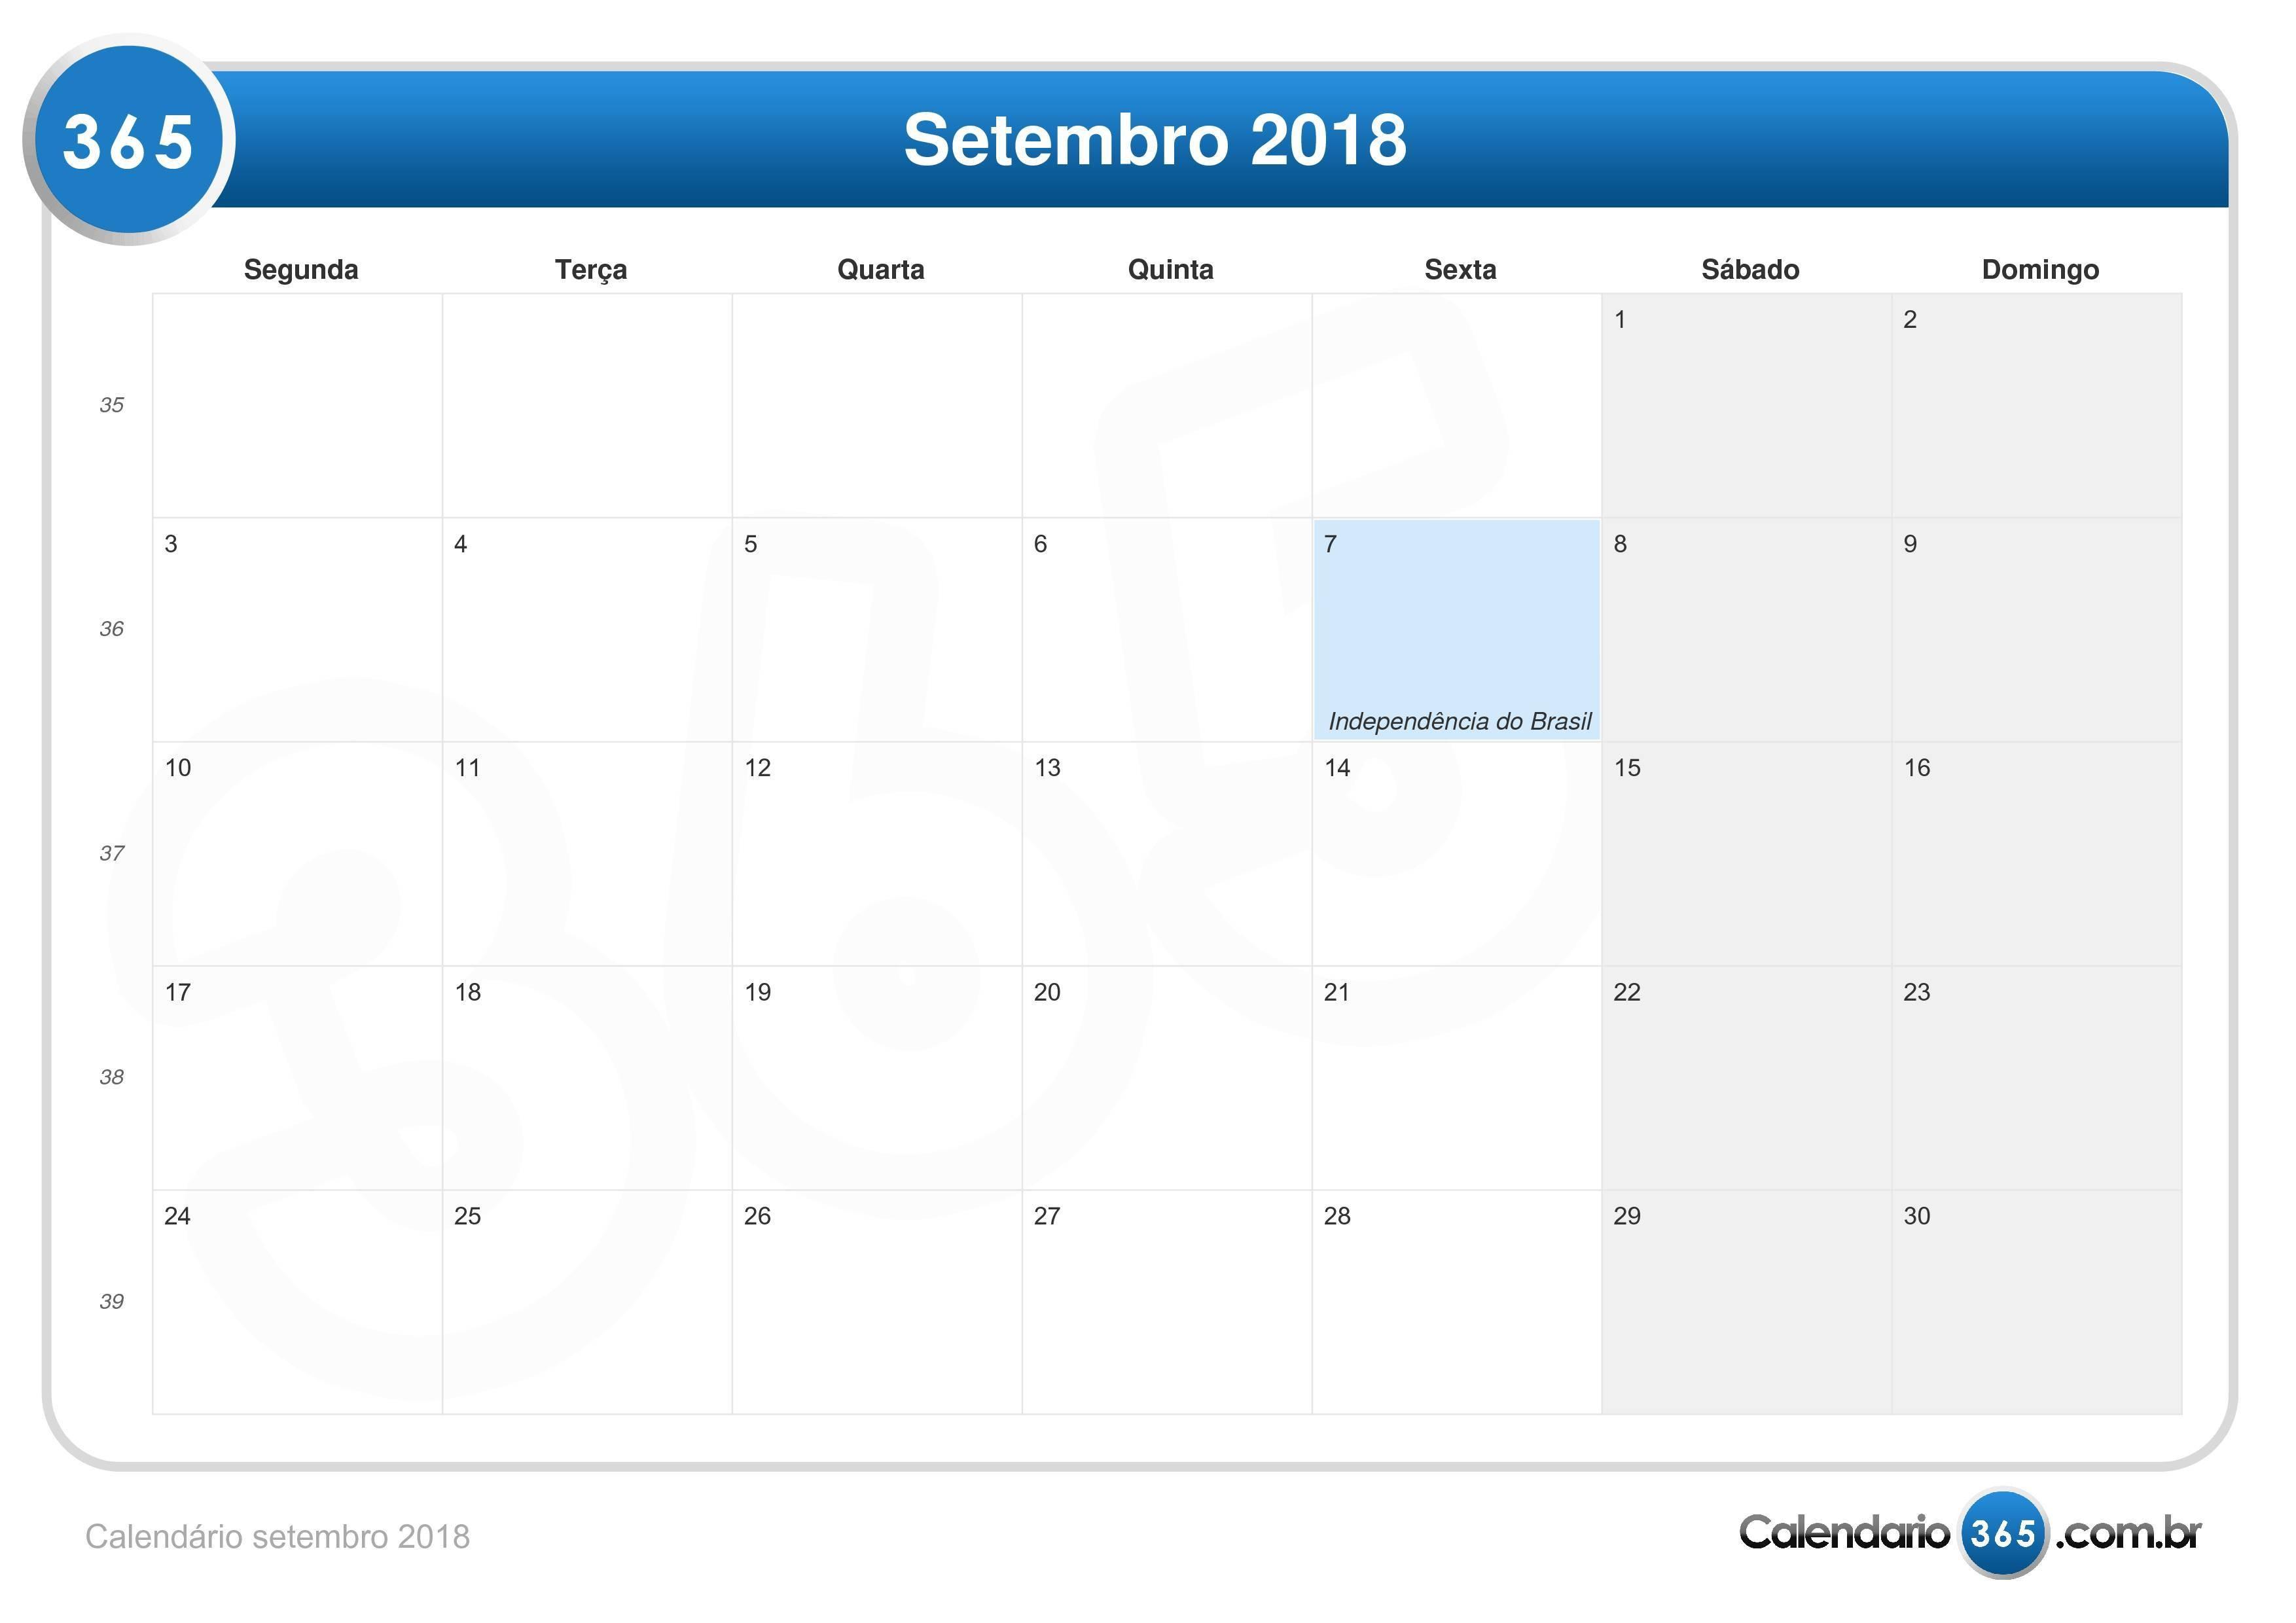 Calendário Do Abono Salarial 2018 E 2019 Más Caliente Calendario Novembro 2018 Imprimir T Of Calendário Do Abono Salarial 2018 E 2019 Más Arriba-a-fecha Calendario Novembro 2018 Imprimir T